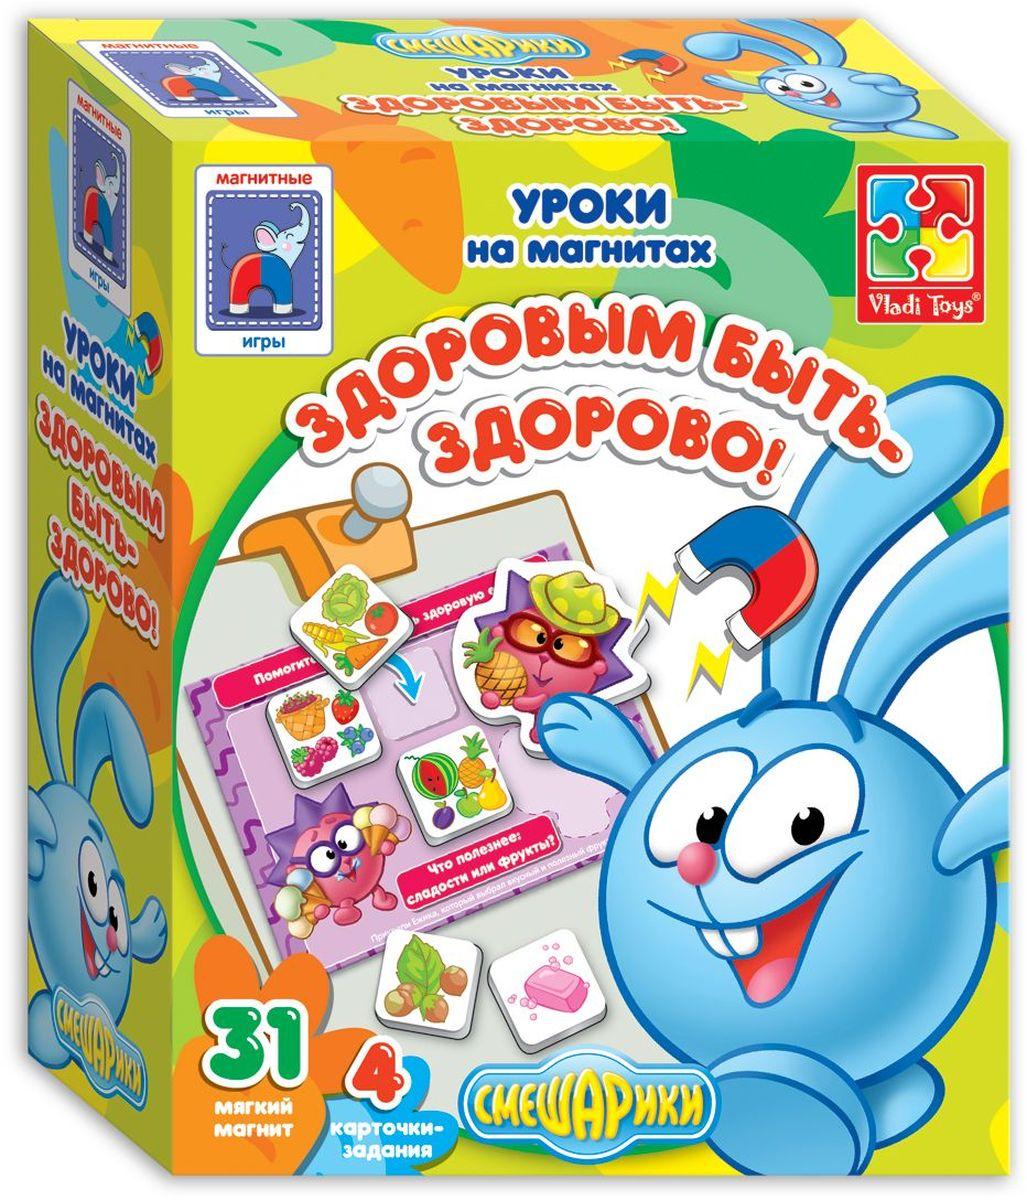 Vladi Toys Обучающая игра Здоровым быть здорово со СмешарикамиVT1502-14Обучающая игра Vladi Toys Здоровым быть - здорово со Смешариками - это магнитная игра с любимыми персонажами. Во время игры ребенок легко и весело выучит основные принципы ведения здорового образа жизни. В набор входят 6 магнитов-персонажей, 25 тематических магнитов, 4 карточки с заданиями и книжка-пособие с заданиями.